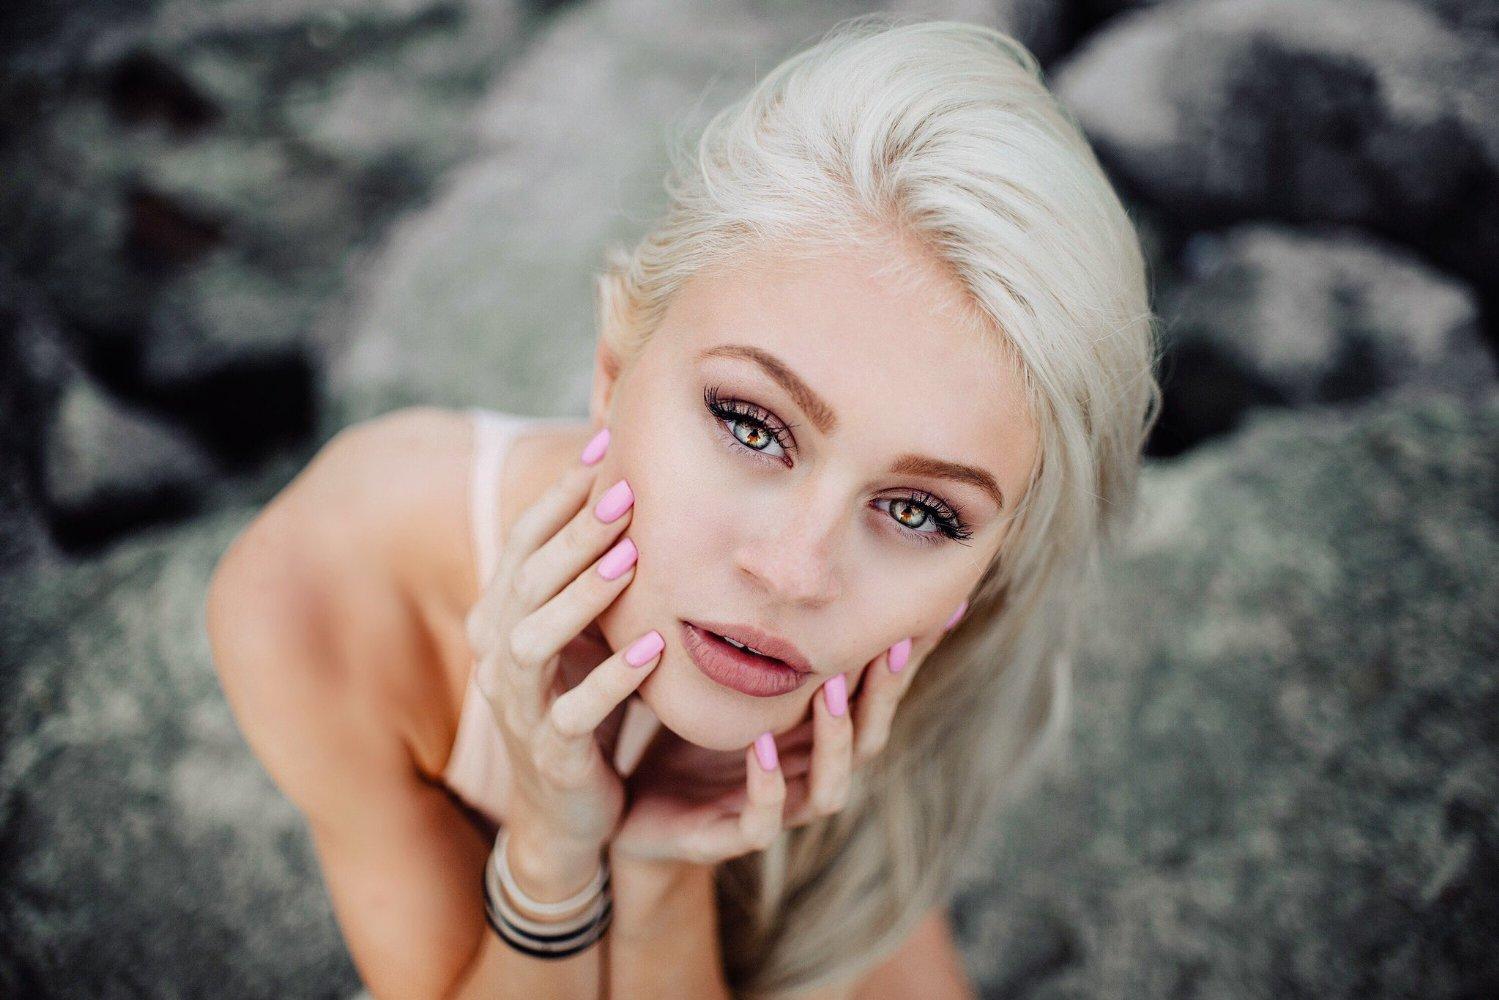 Natalie Ganzhorn